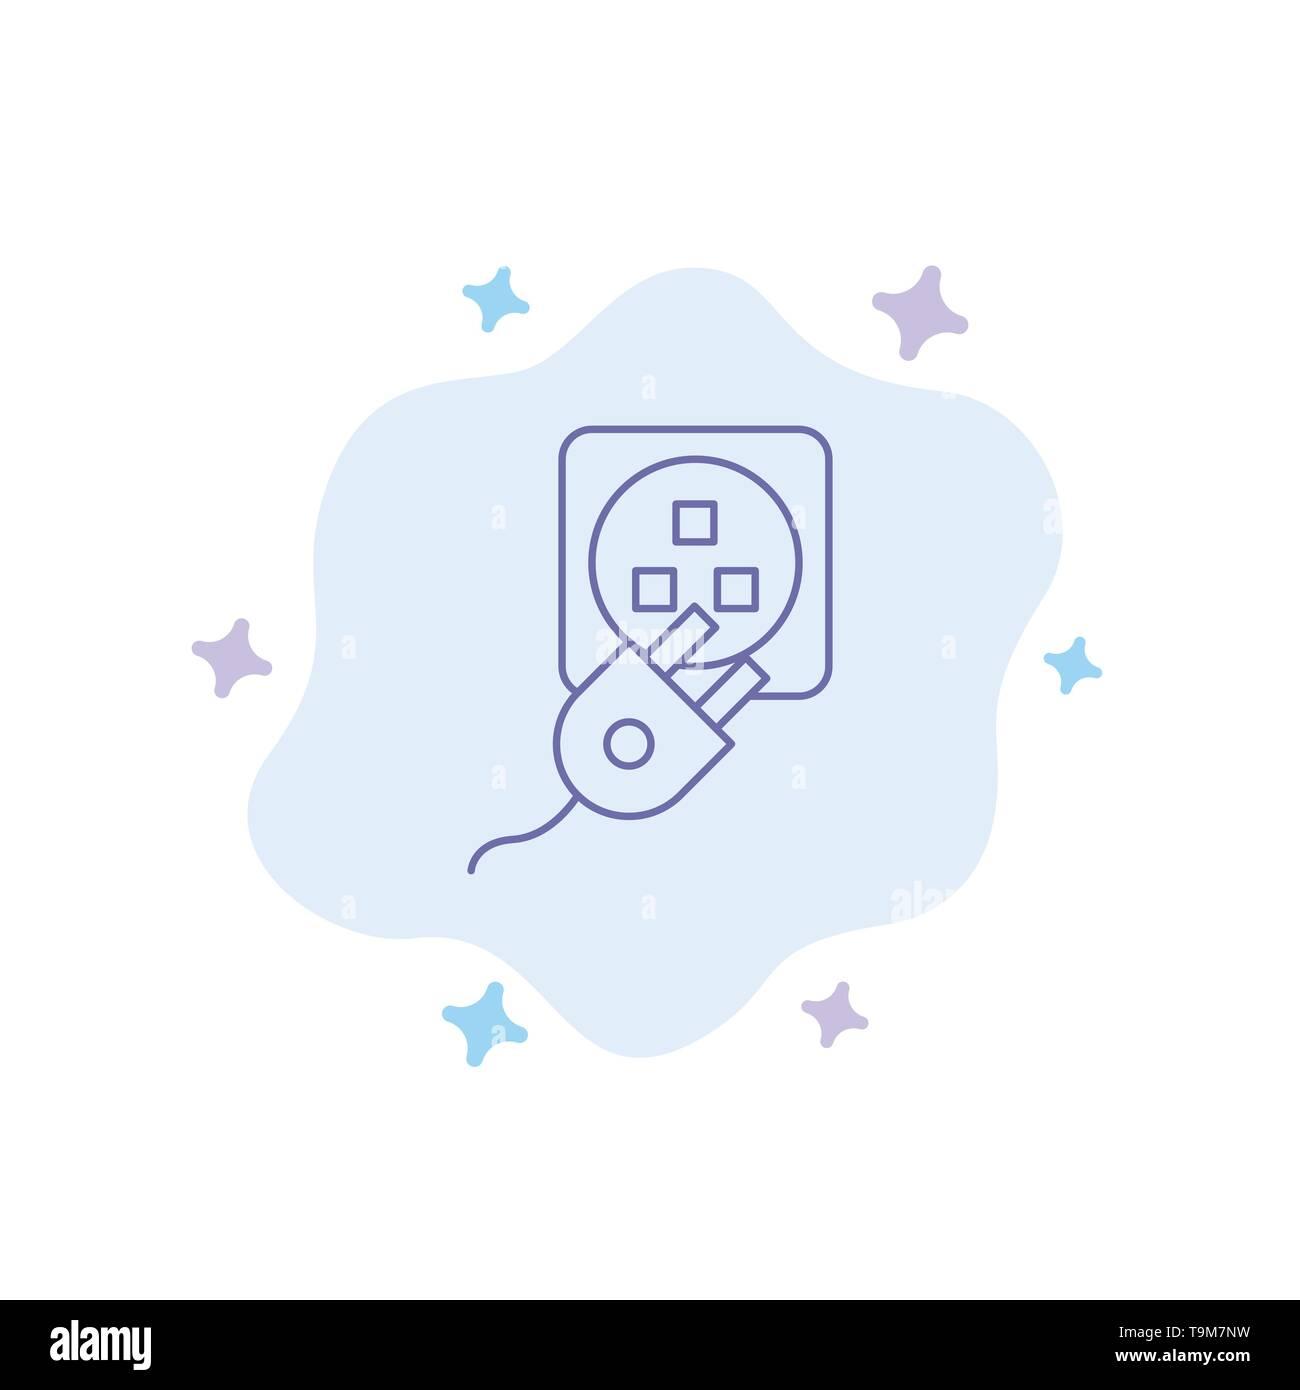 Stecker, Elektrische, Elektro, Kabel, blaues Symbol auf Abstrakten Cloud Hintergrund Stockbild